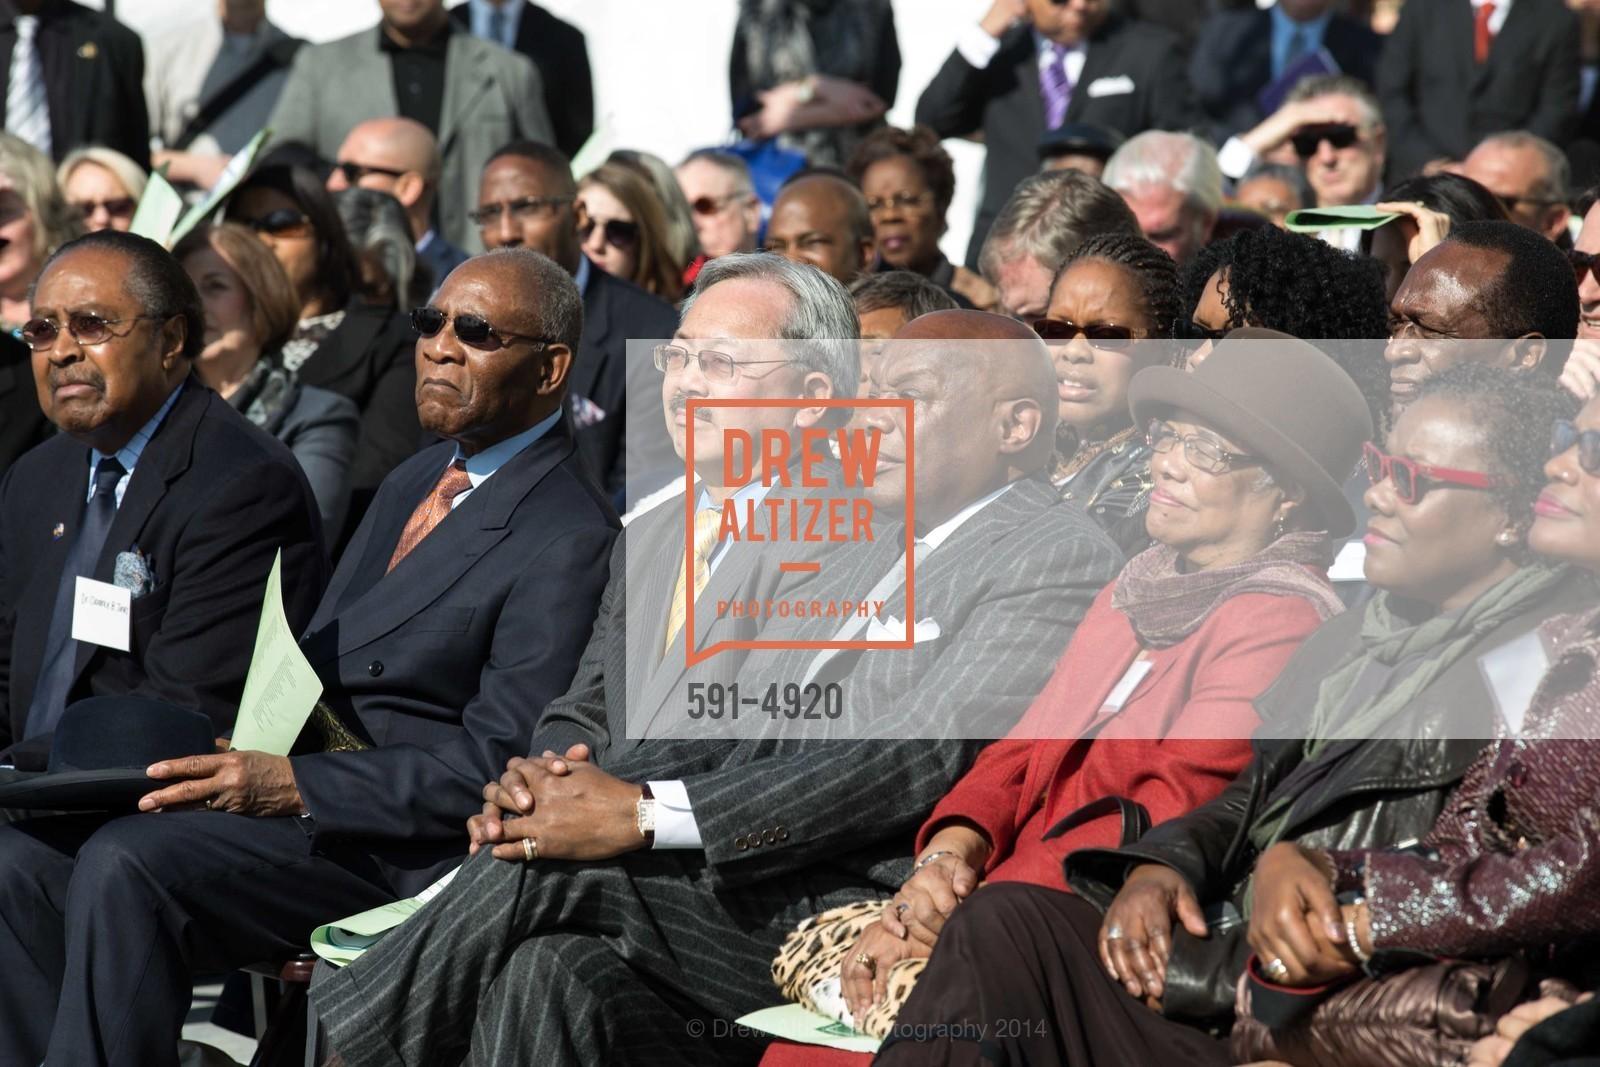 Mayor Ed Lee, Willie Brown, Photo #591-4920